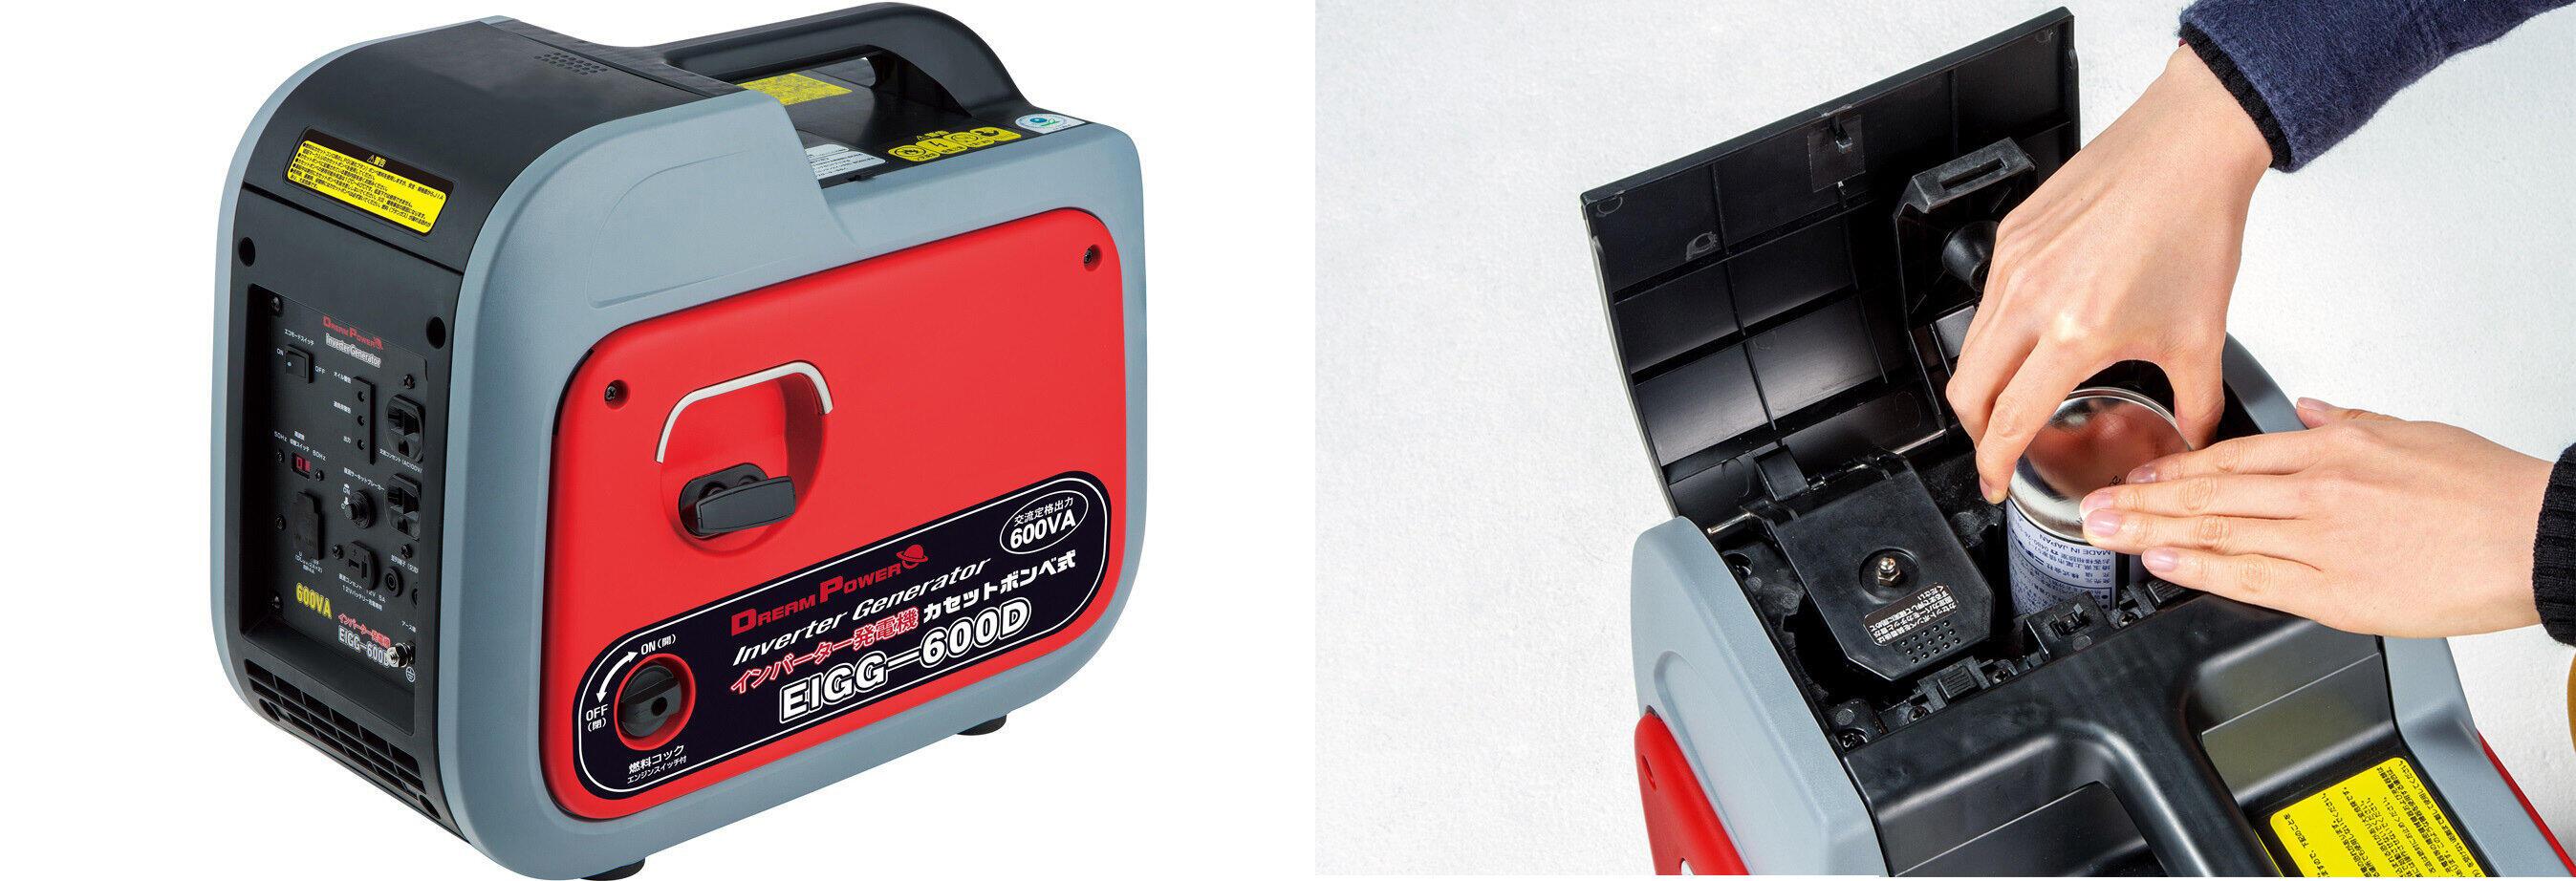 市販のカセットボンベが使えるインバーター発電機